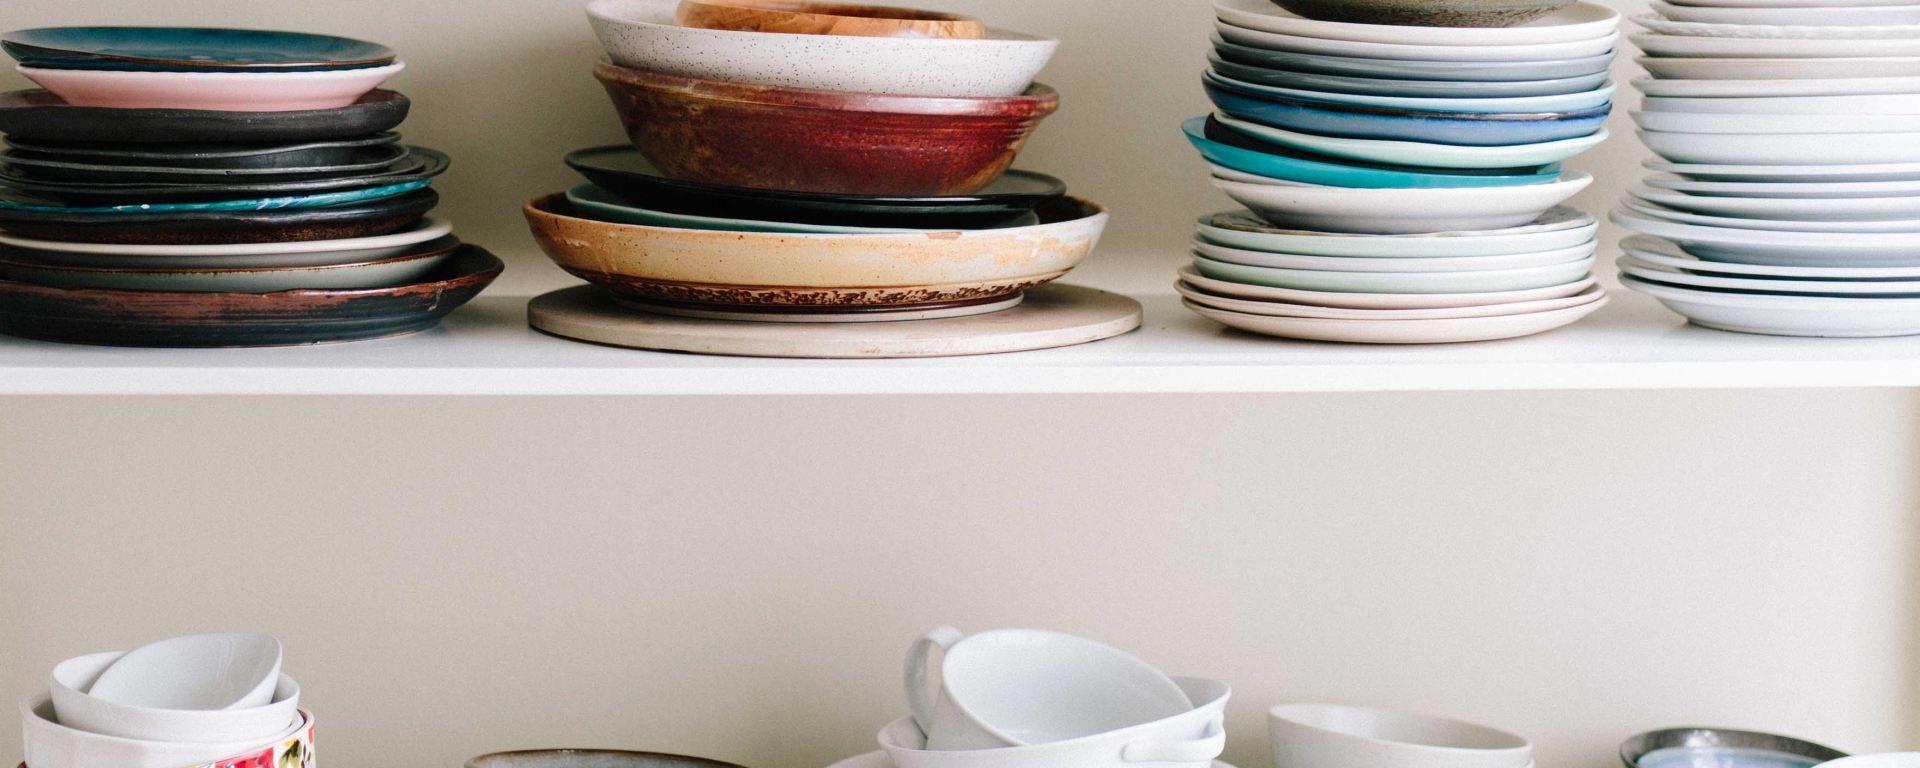 Teller und Schüssel für Kochen ist Emotion in der Geschichte Amuse geule